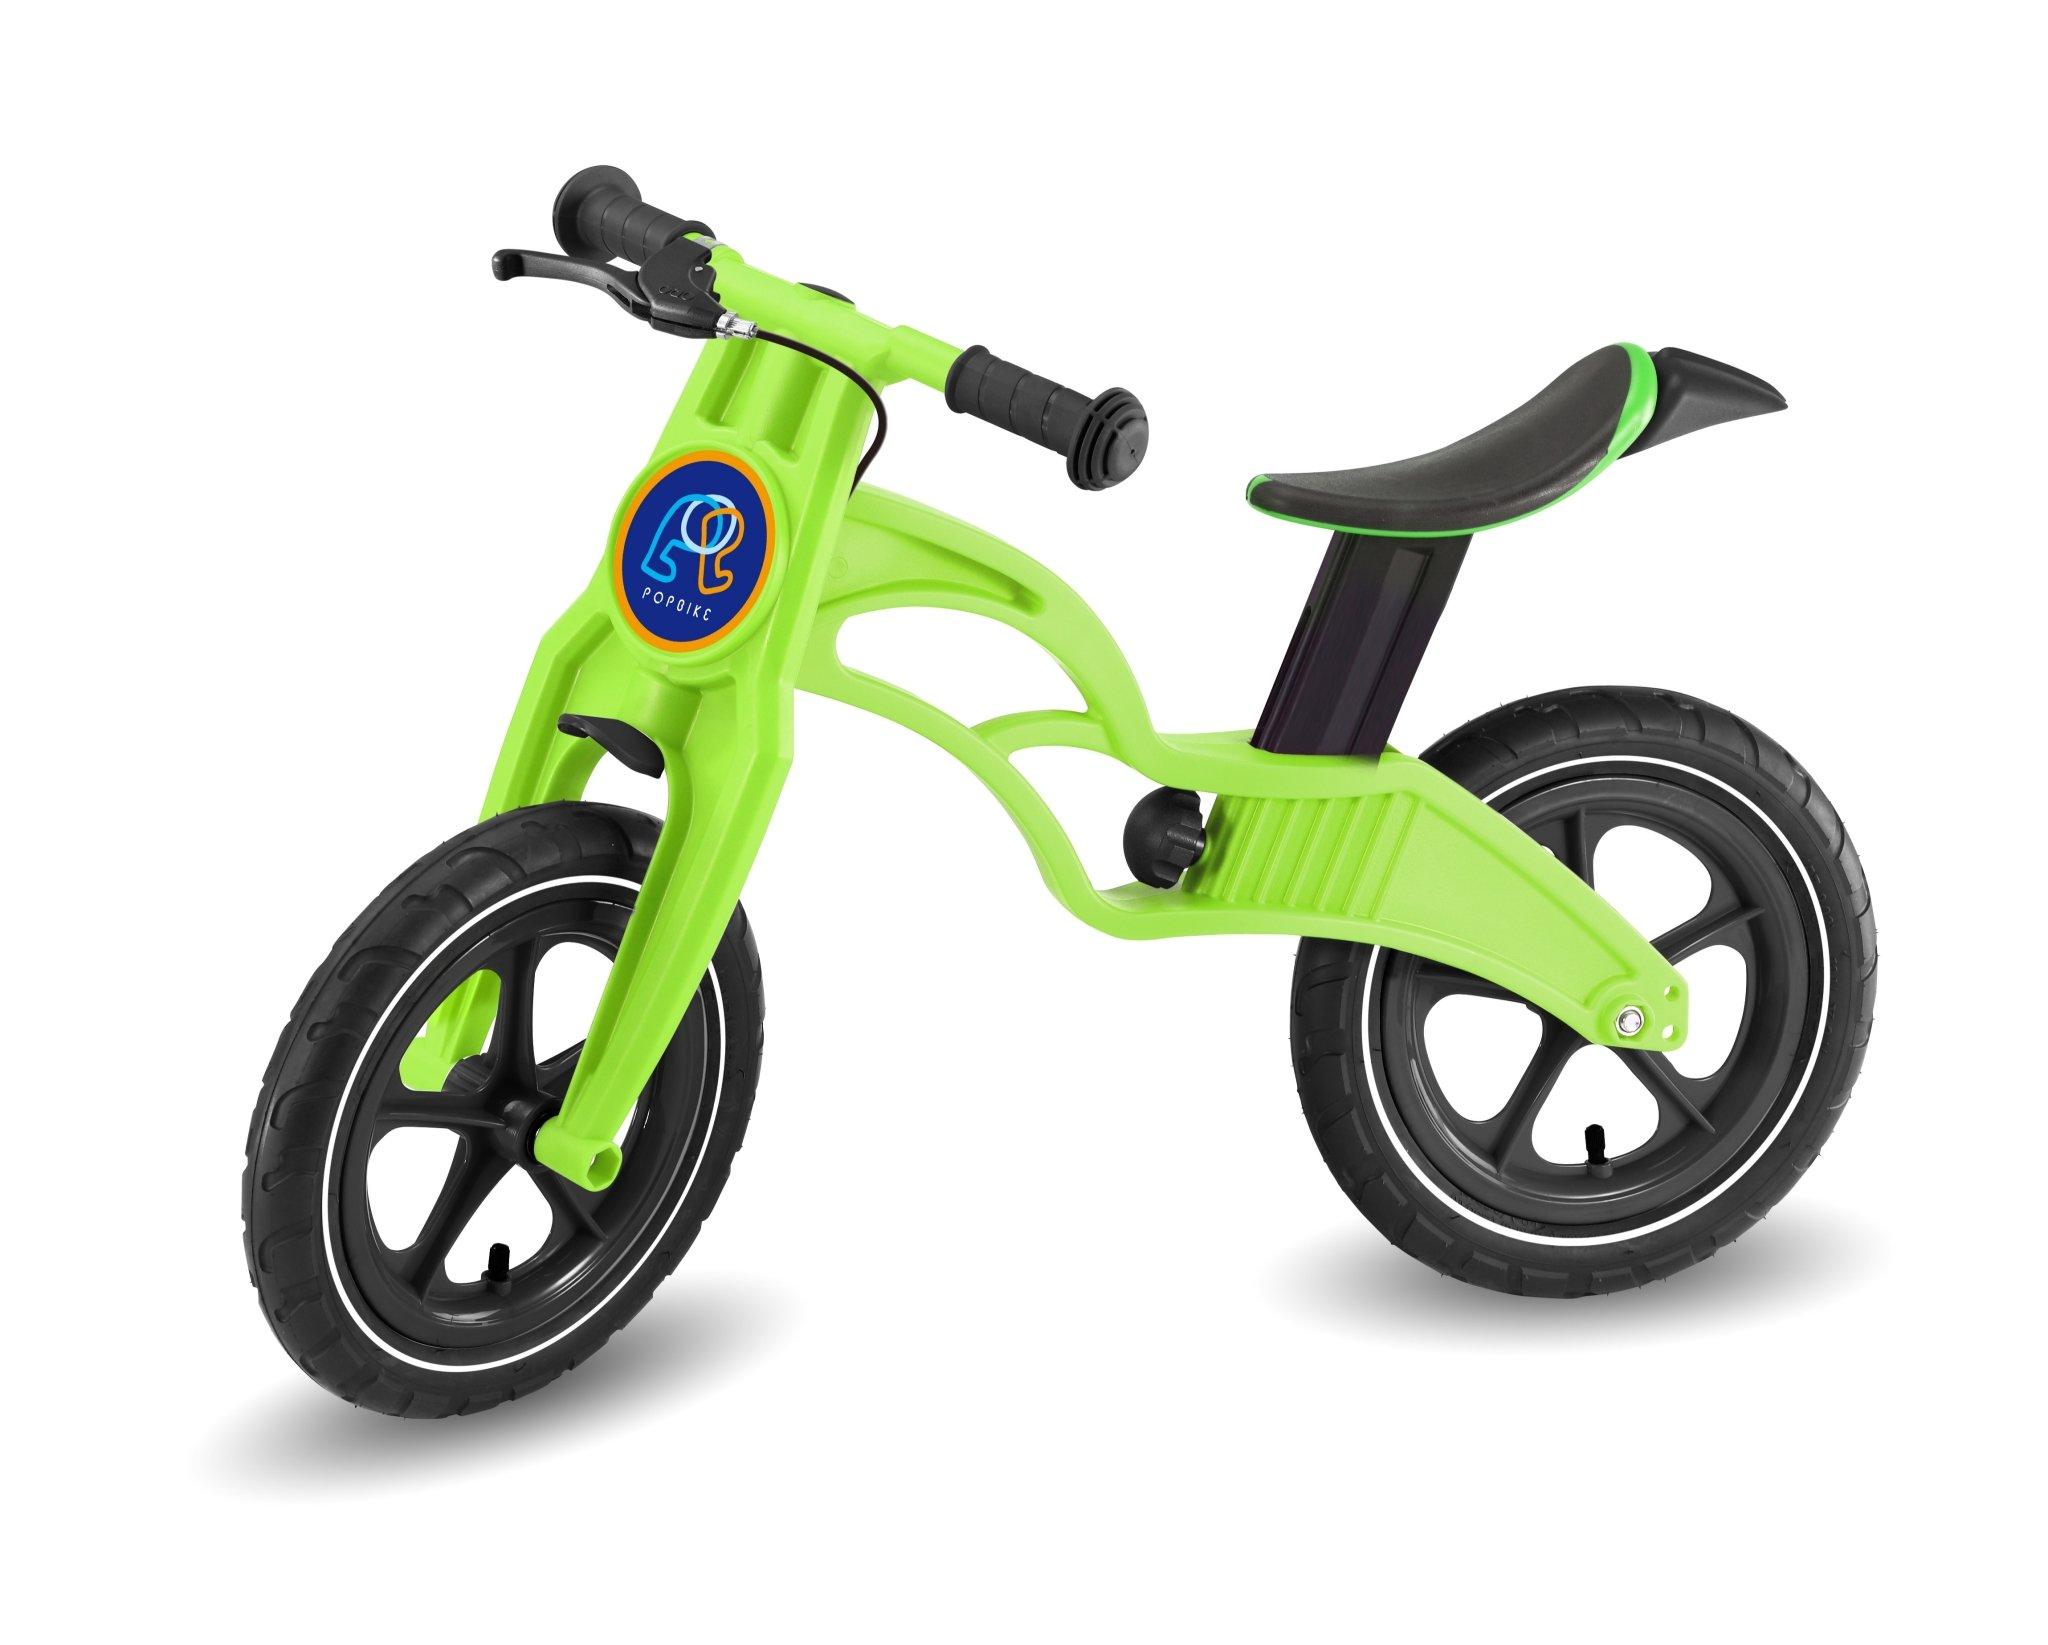 Pop Bike 兒童滑步車 / 平衡車 / 學步車 /  - 煞車版 氣胎 綠色 - 限時優惠好康折扣